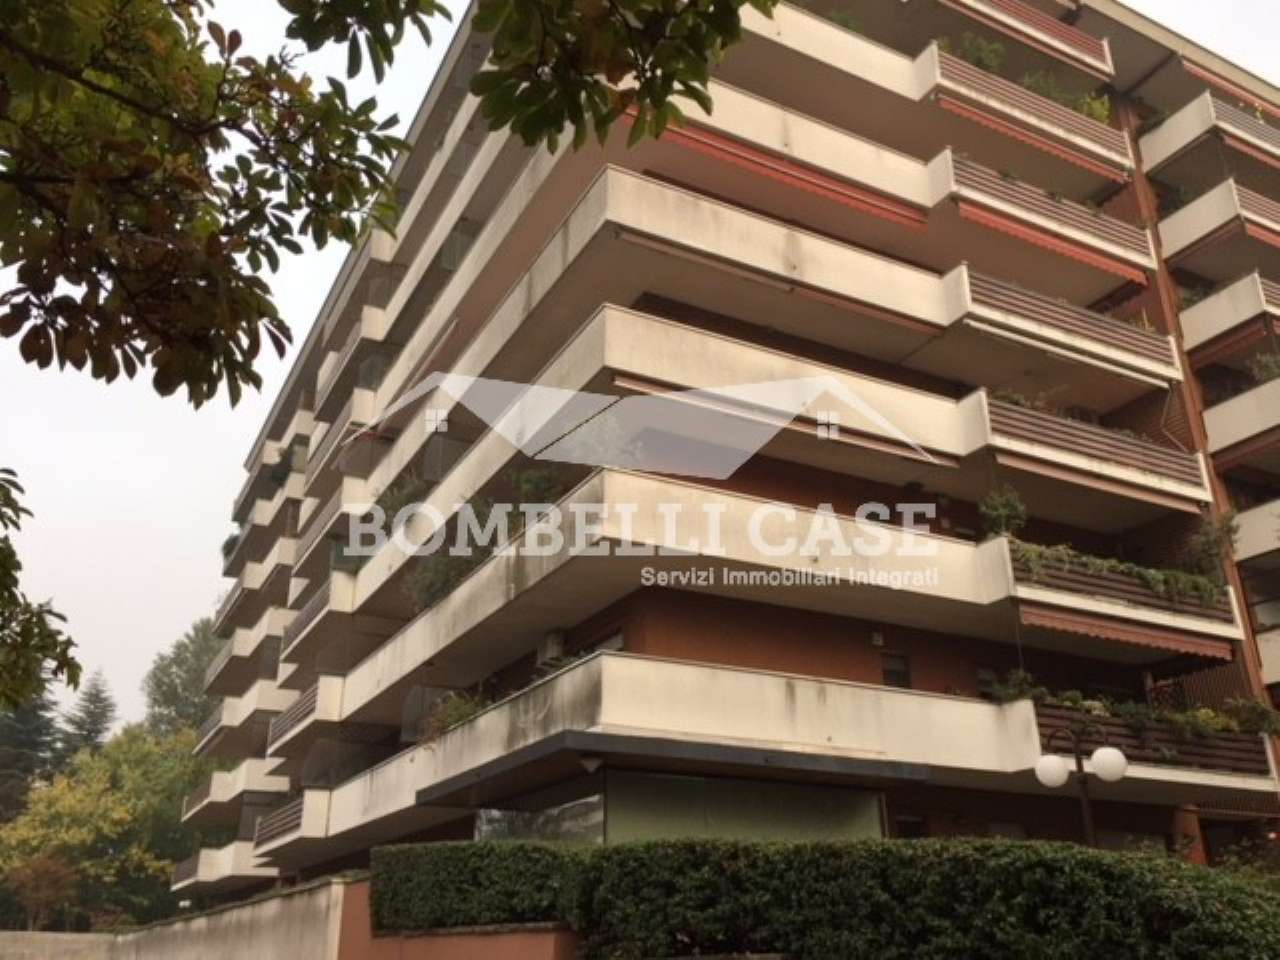 Appartamento in affitto a Peschiera Borromeo, 2 locali, prezzo € 770 | PortaleAgenzieImmobiliari.it